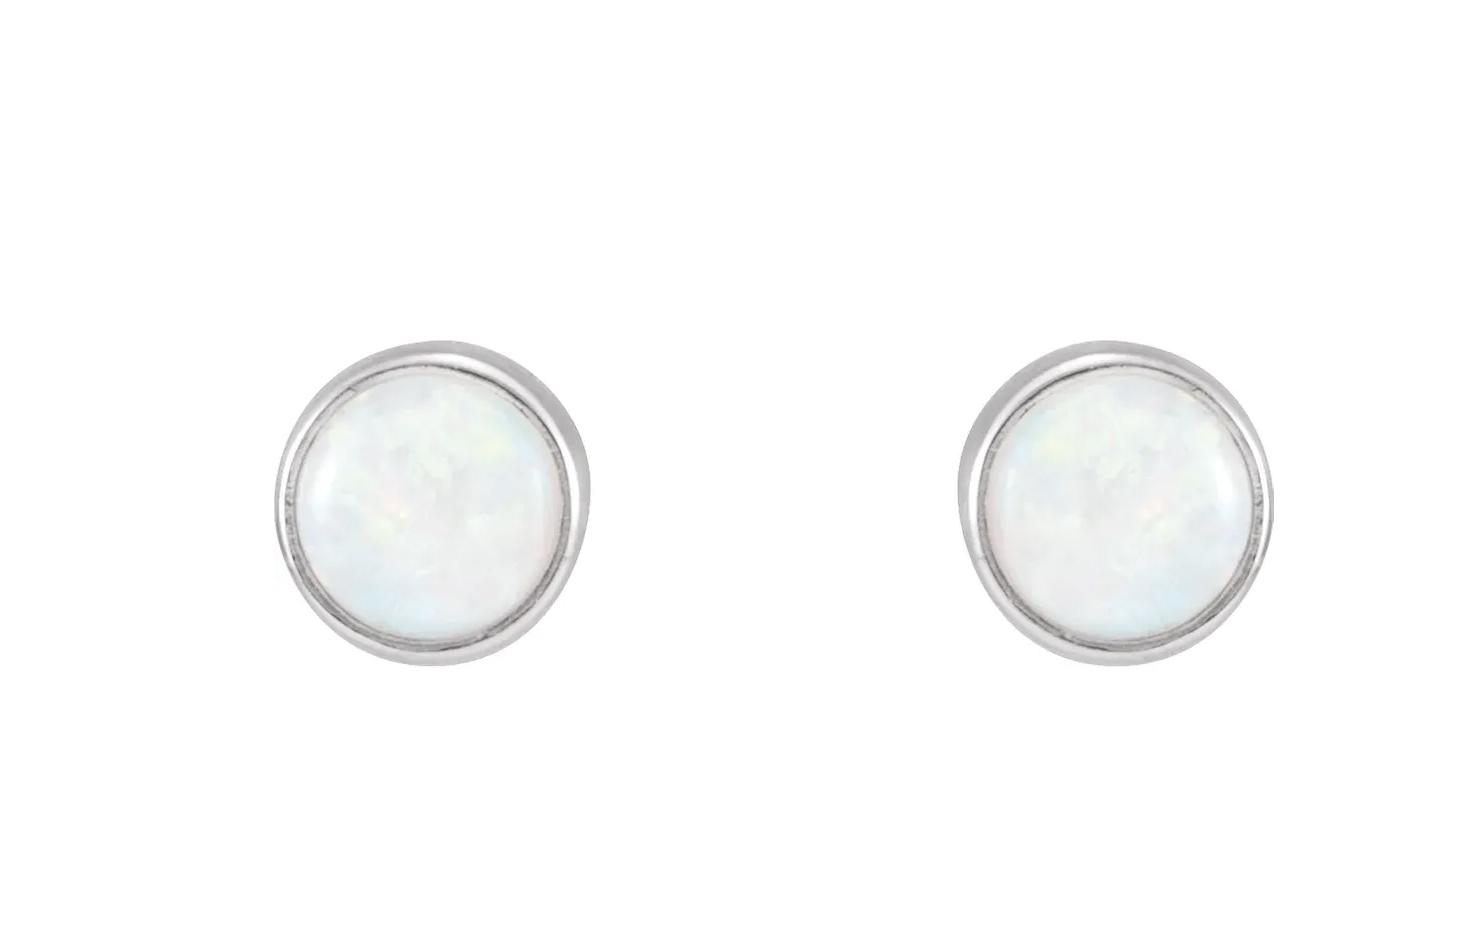 14kt white gold opal bezel stud earrings